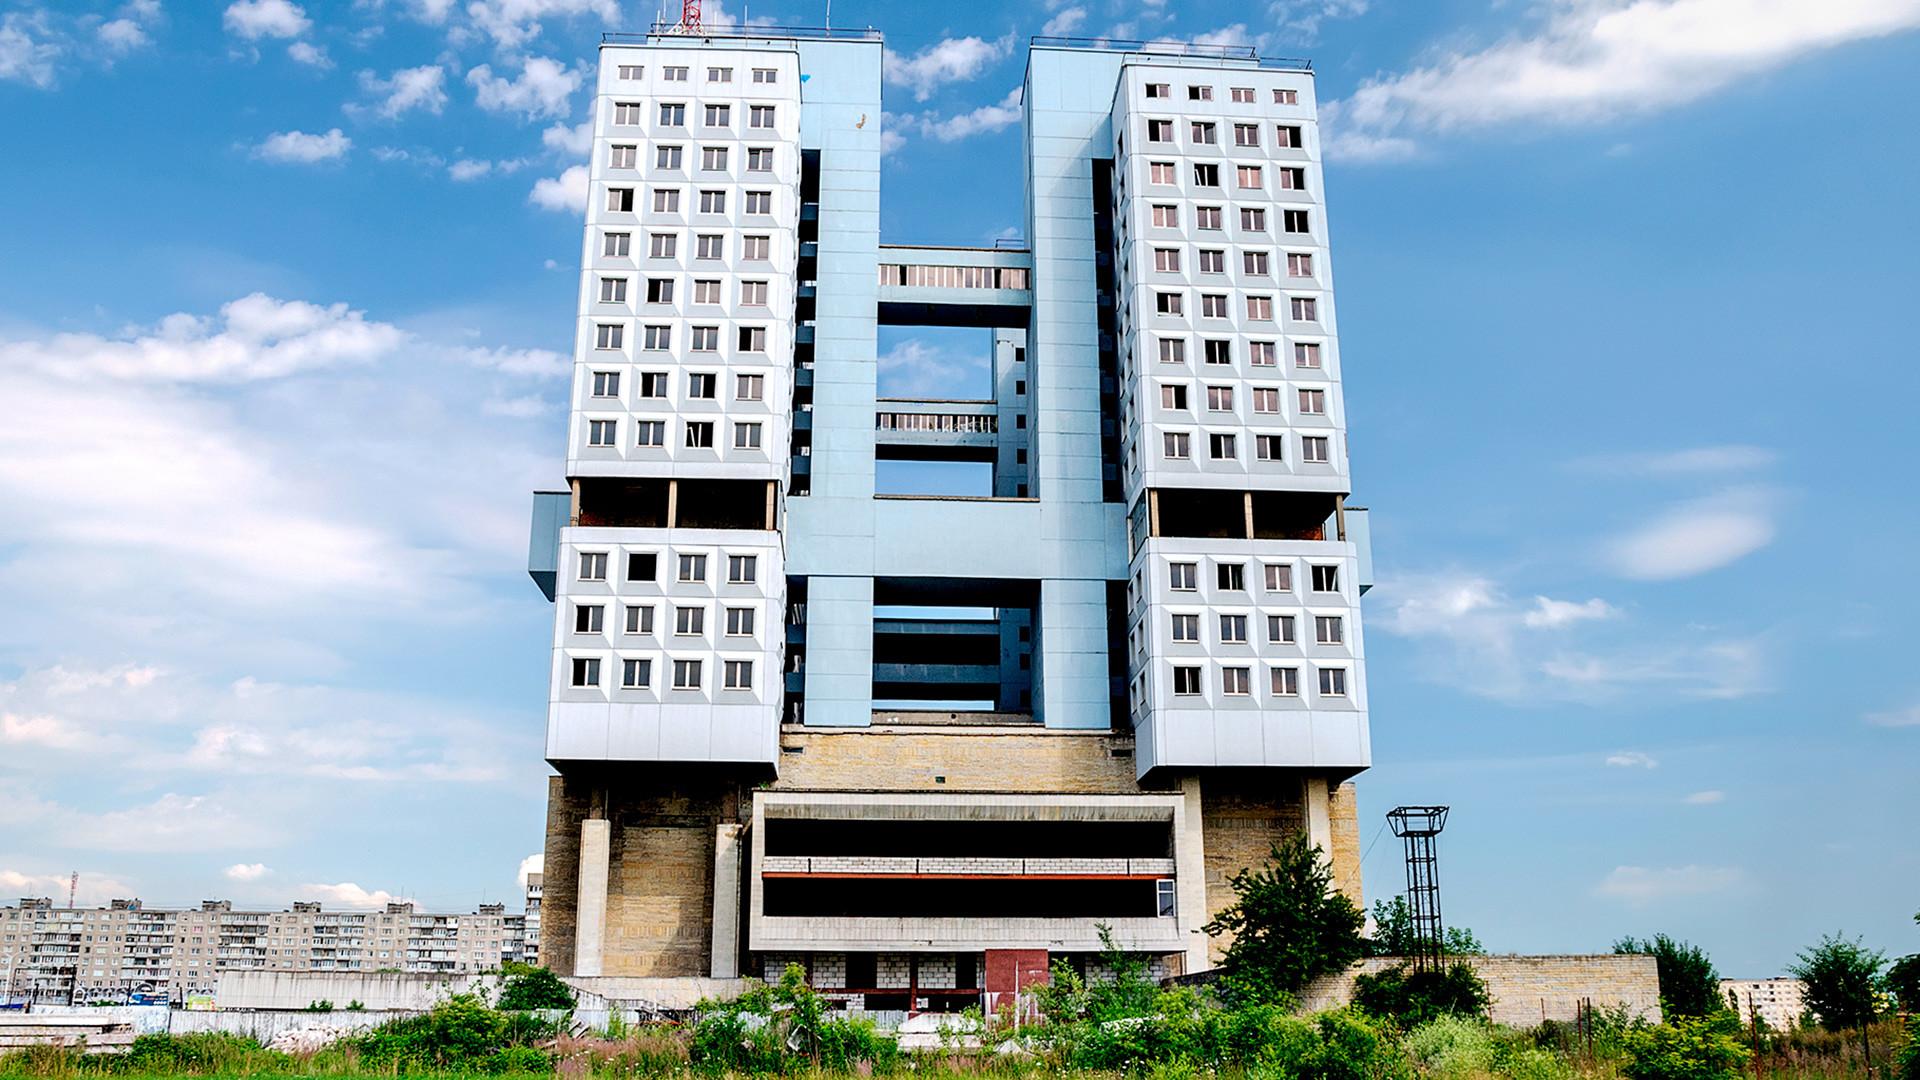 The House of Soviets, Kaliningrad